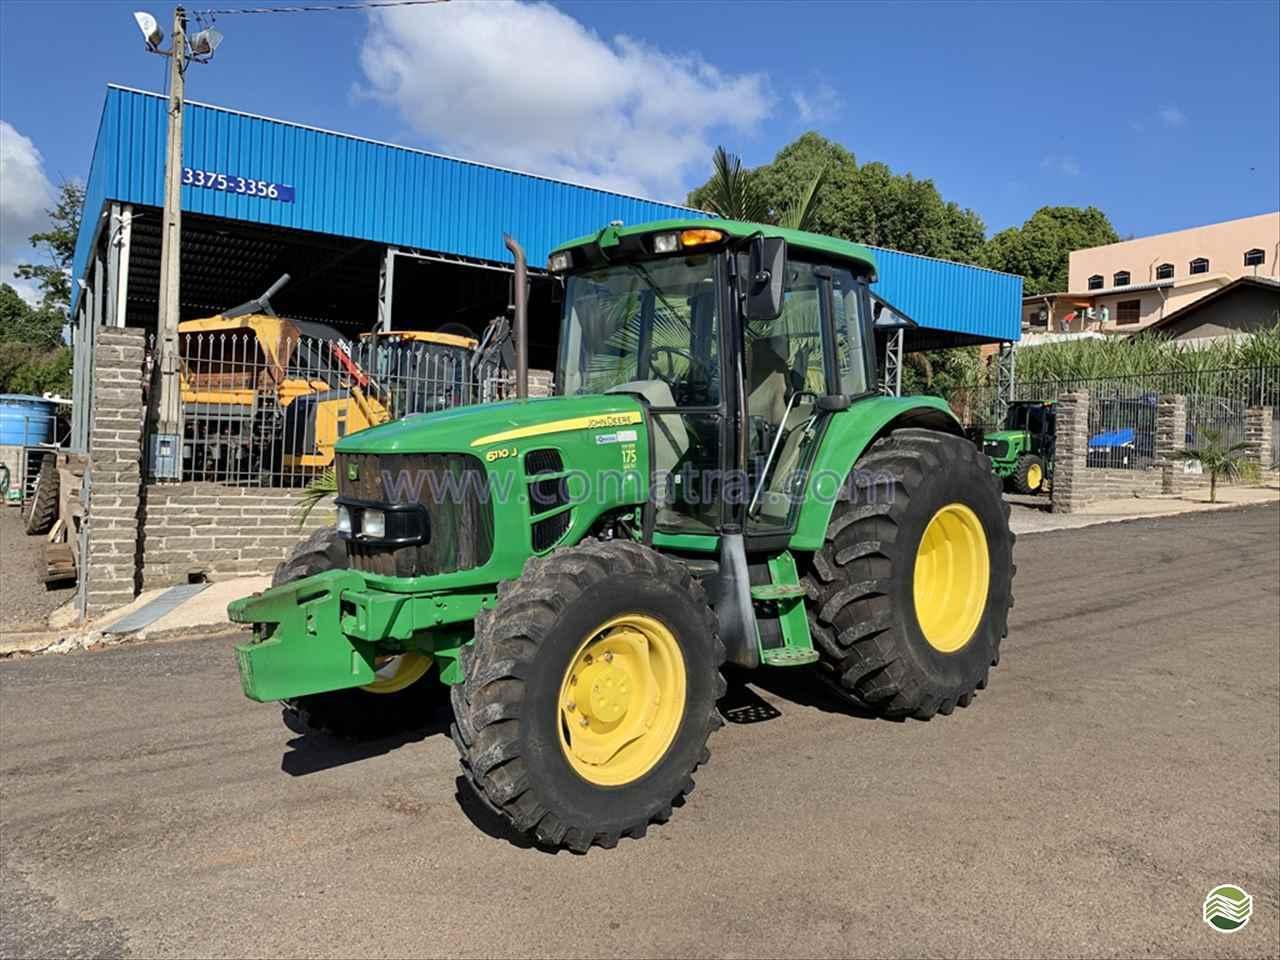 TRATOR JOHN DEERE JOHN DEERE 6110 Tração 4x4 Comatral Caminhões e Máquinas Agrícolas PANAMBI RIO GRANDE DO SUL RS